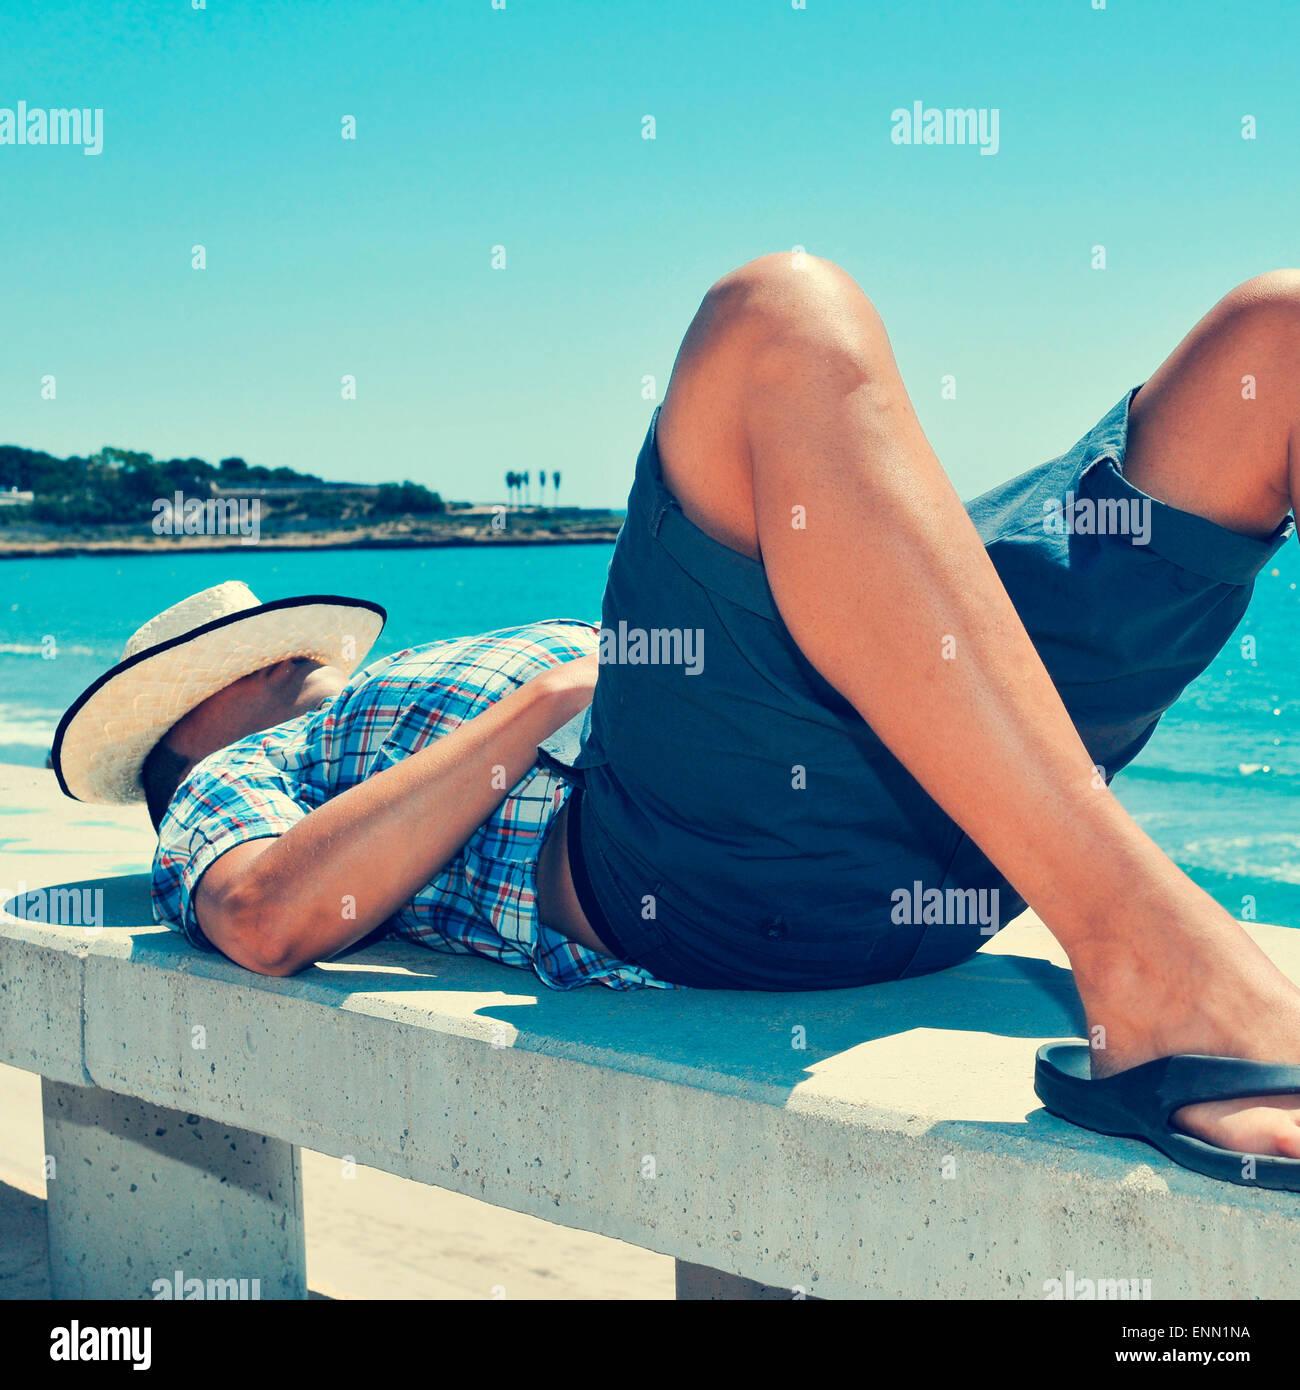 ein junger kaukasischen Mann mit einem Strohhut auf seinem Gesicht in einer Straße Bank am Meer liegend Stockbild